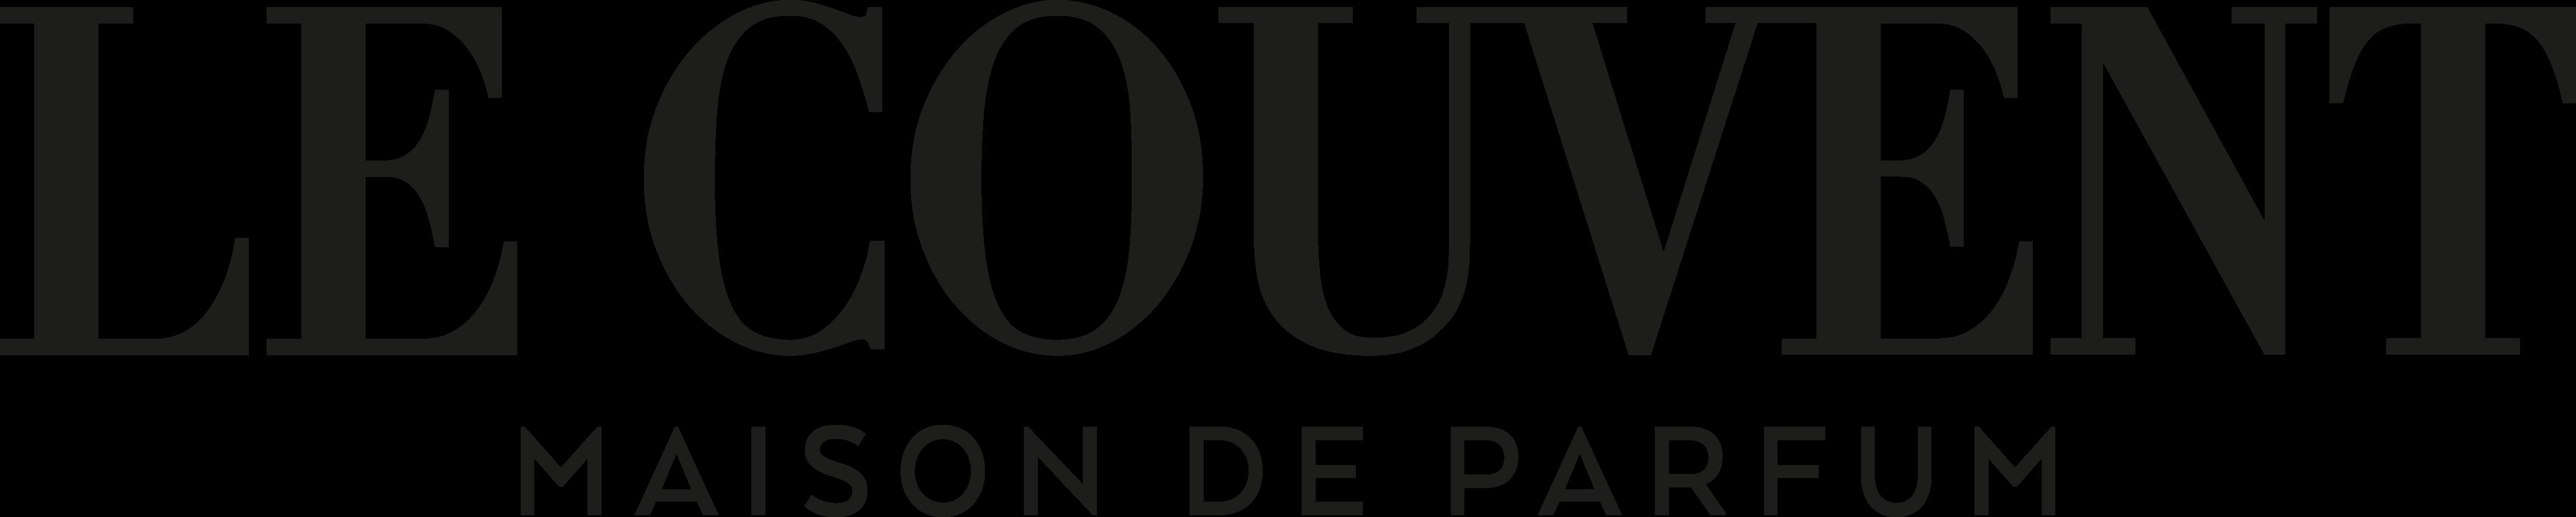 O brandu Le Couvent Maison de Parfum